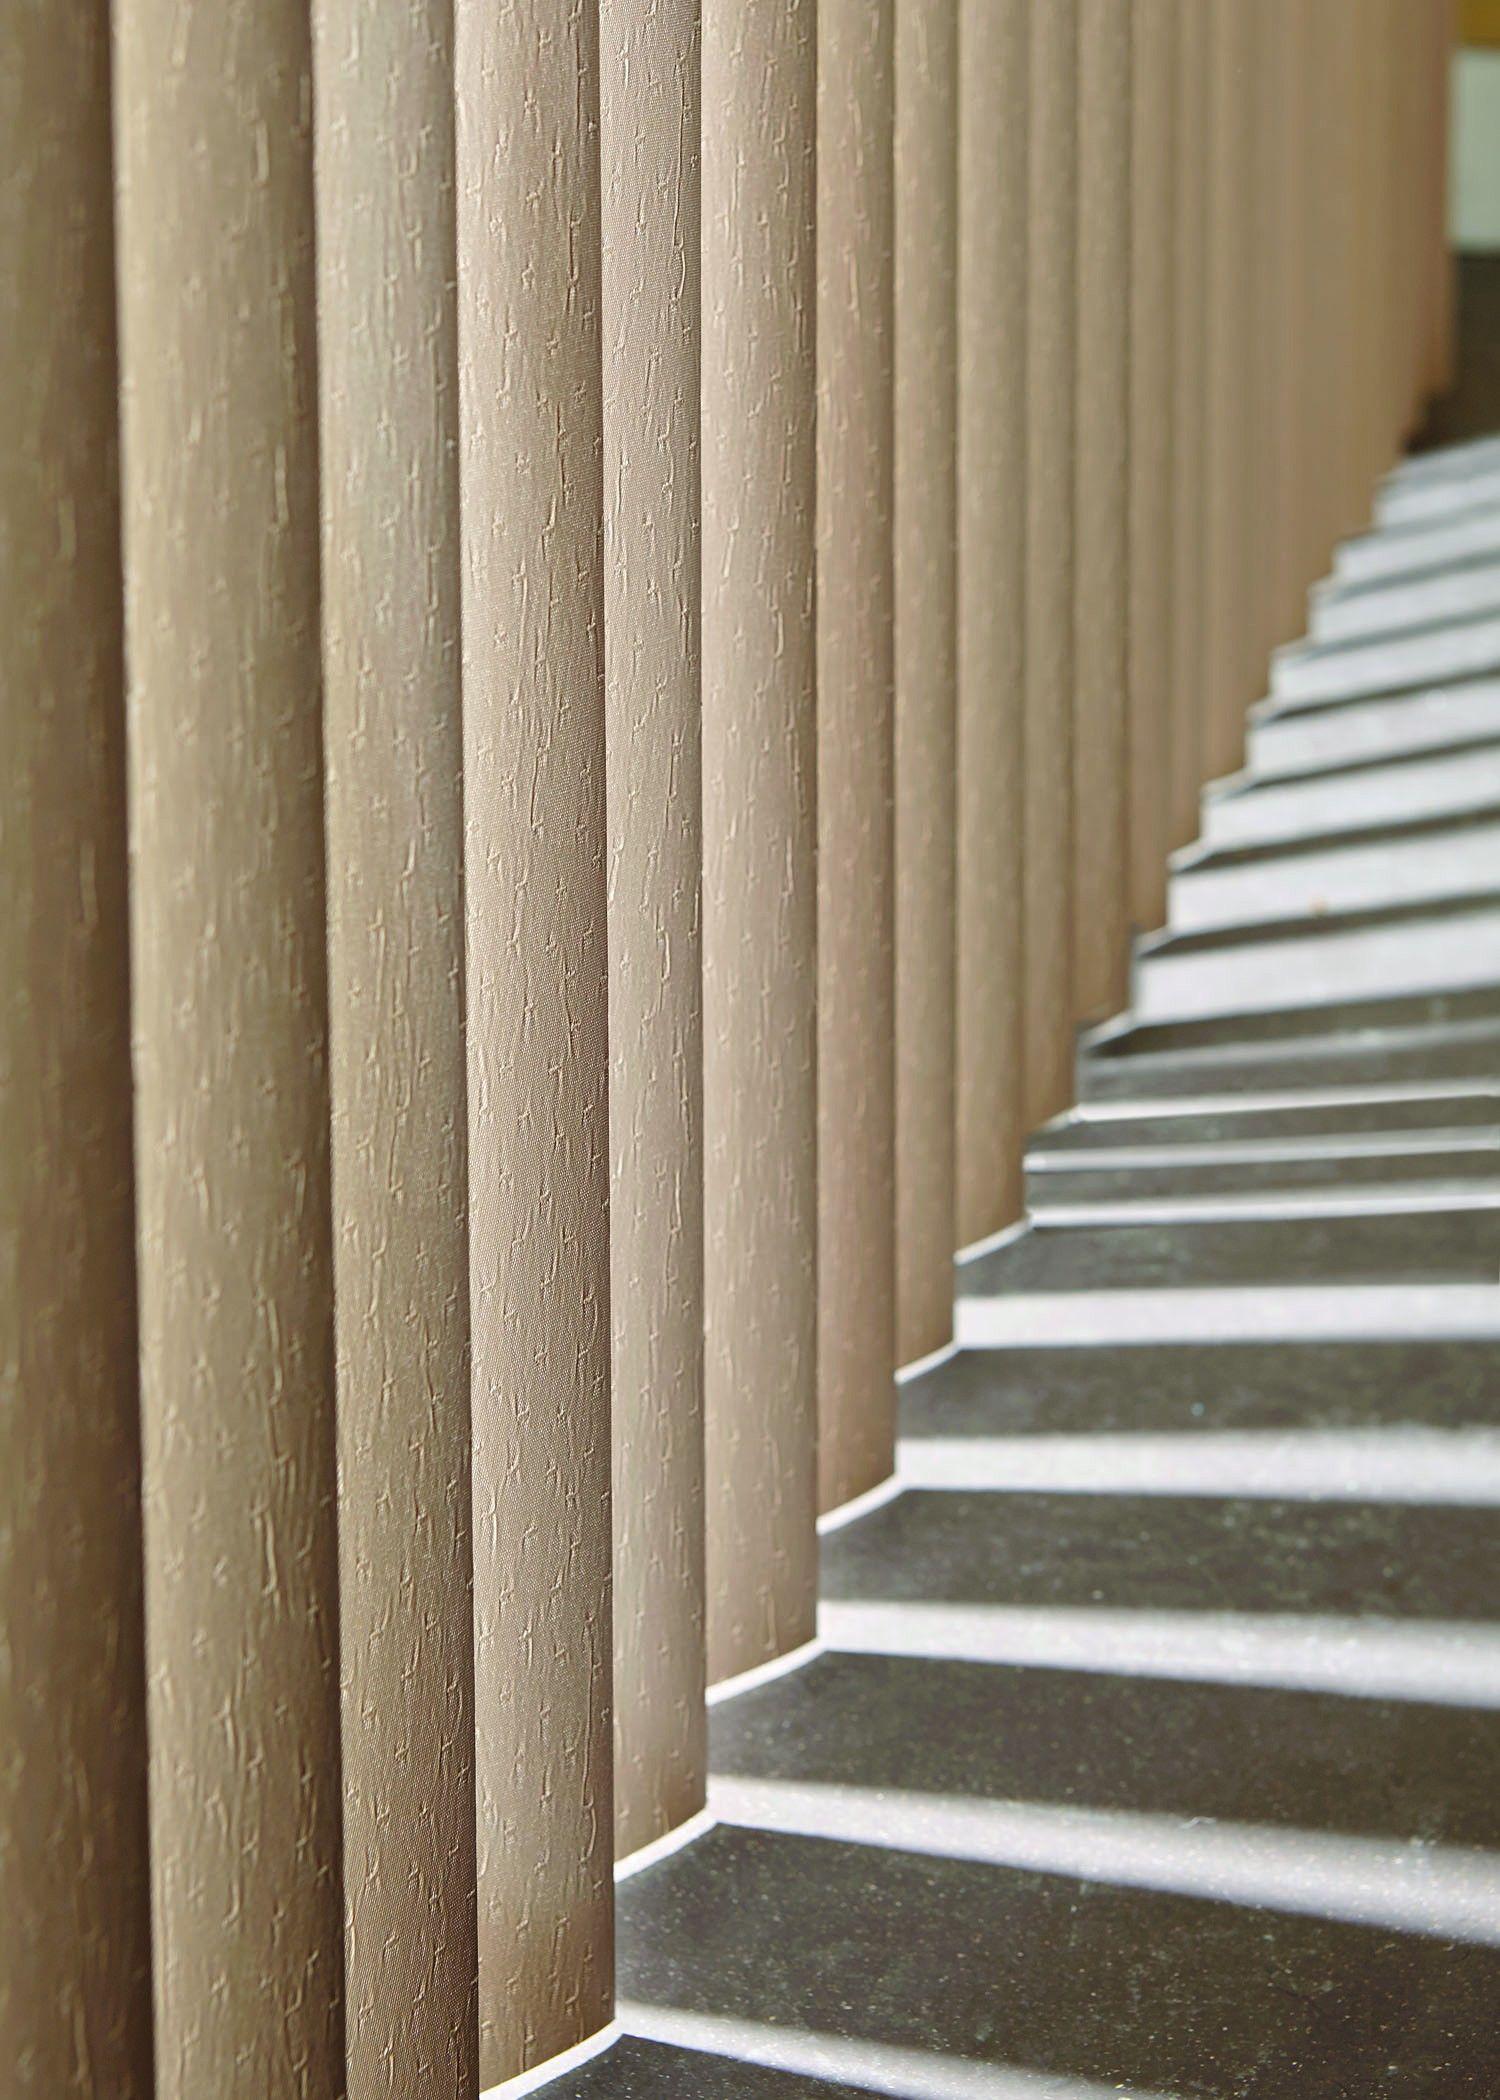 Image result for vertical blinds commercial blinds pinterest